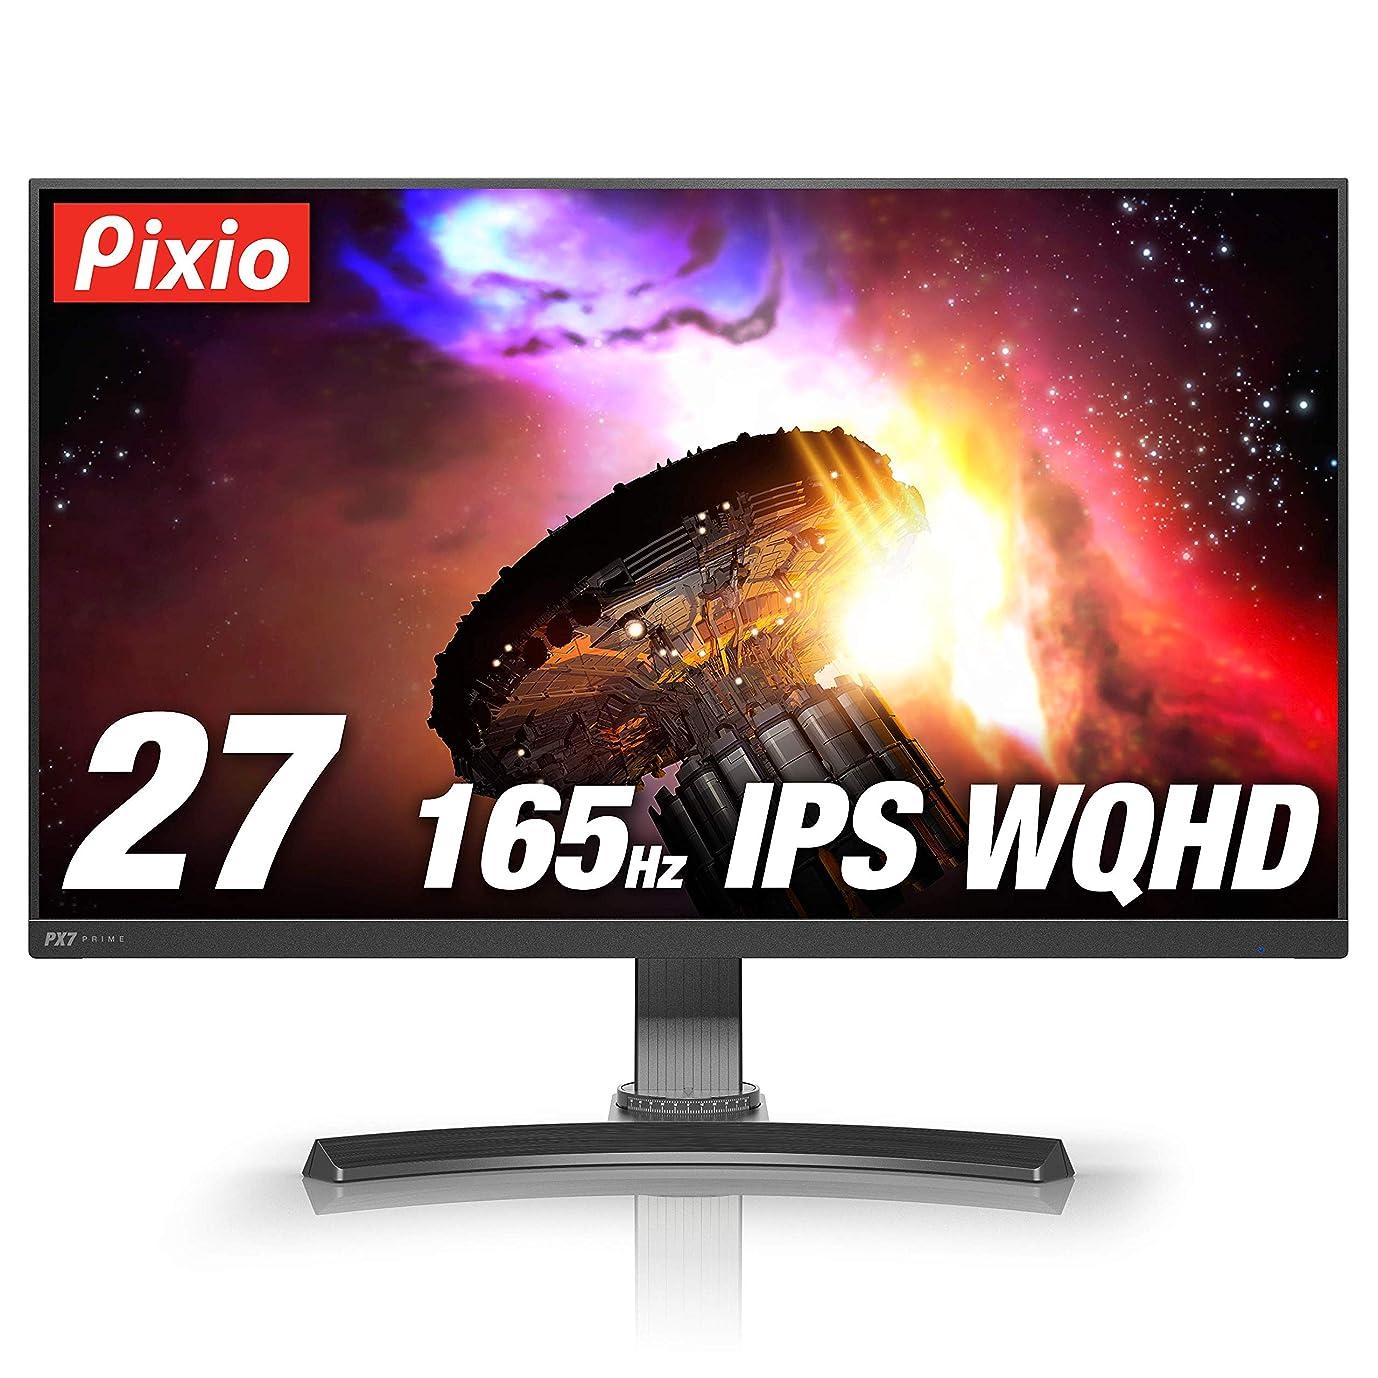 後独立して晩ごはんPixio PX7 ディスプレイ モニター [ 27 インチ 165hz IPS HDR 2560×1440 広色域 sRGB カバー率100% FreeSync G-SYNC Compatible対応 高さ調整 ] ゲーミング モニター ベゼルレス 27型 display monitor 【正規輸入品】